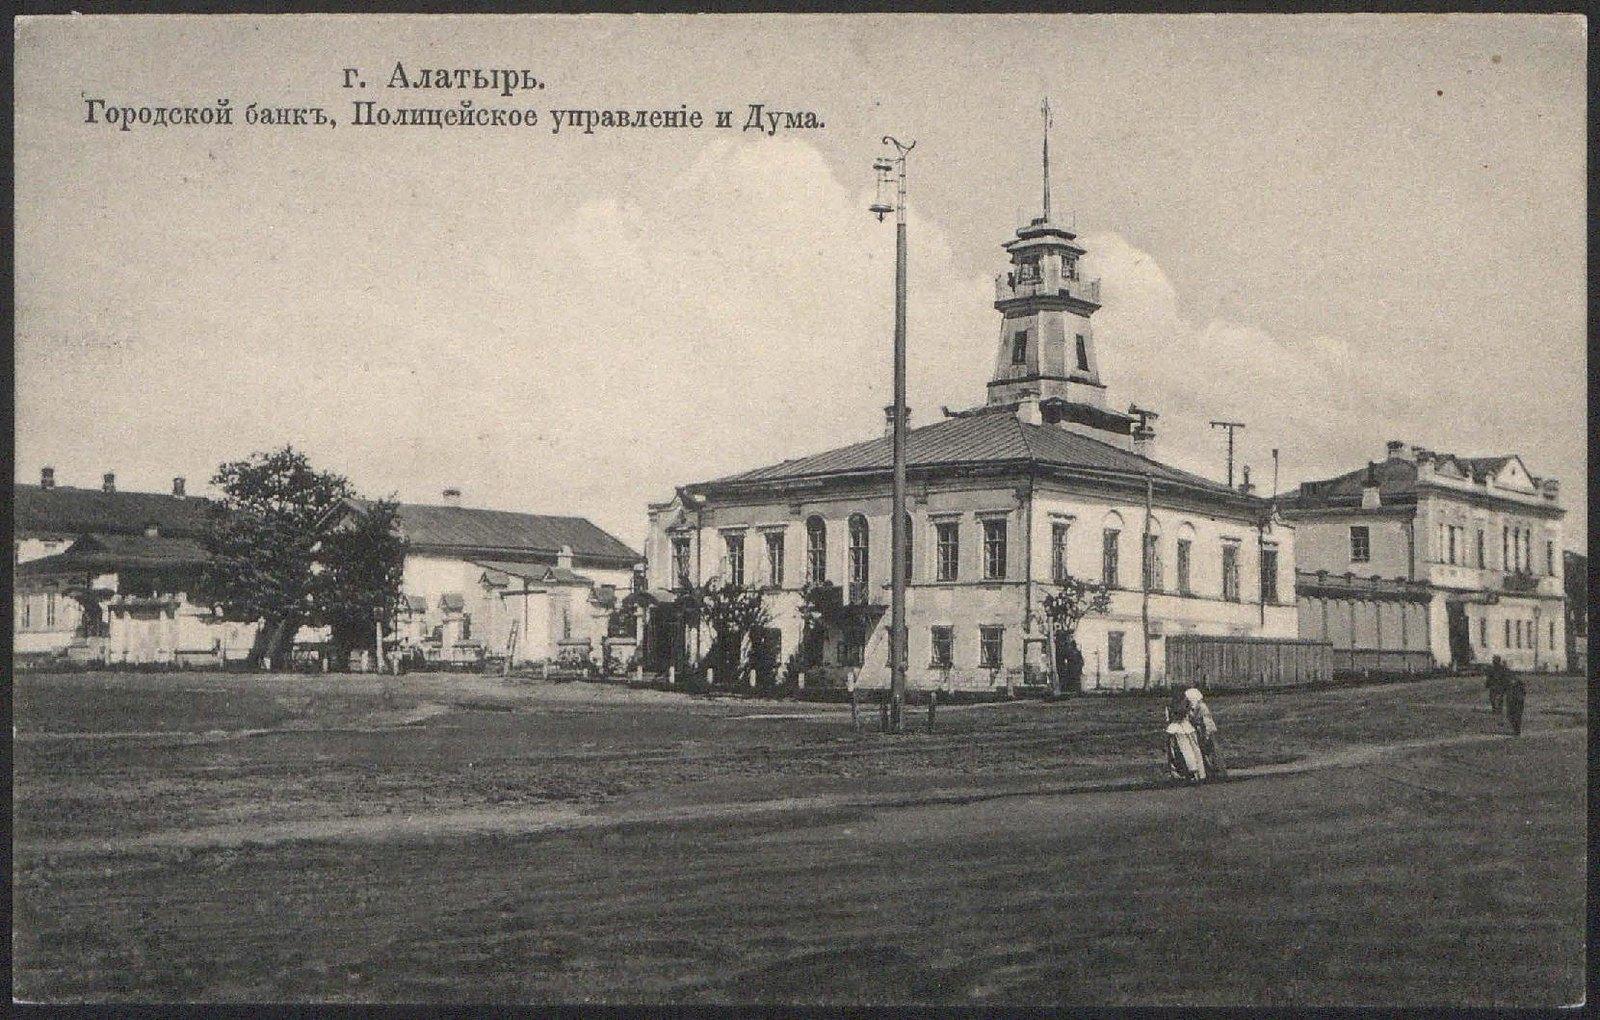 Городской банк, Полицейское управление и Дума.